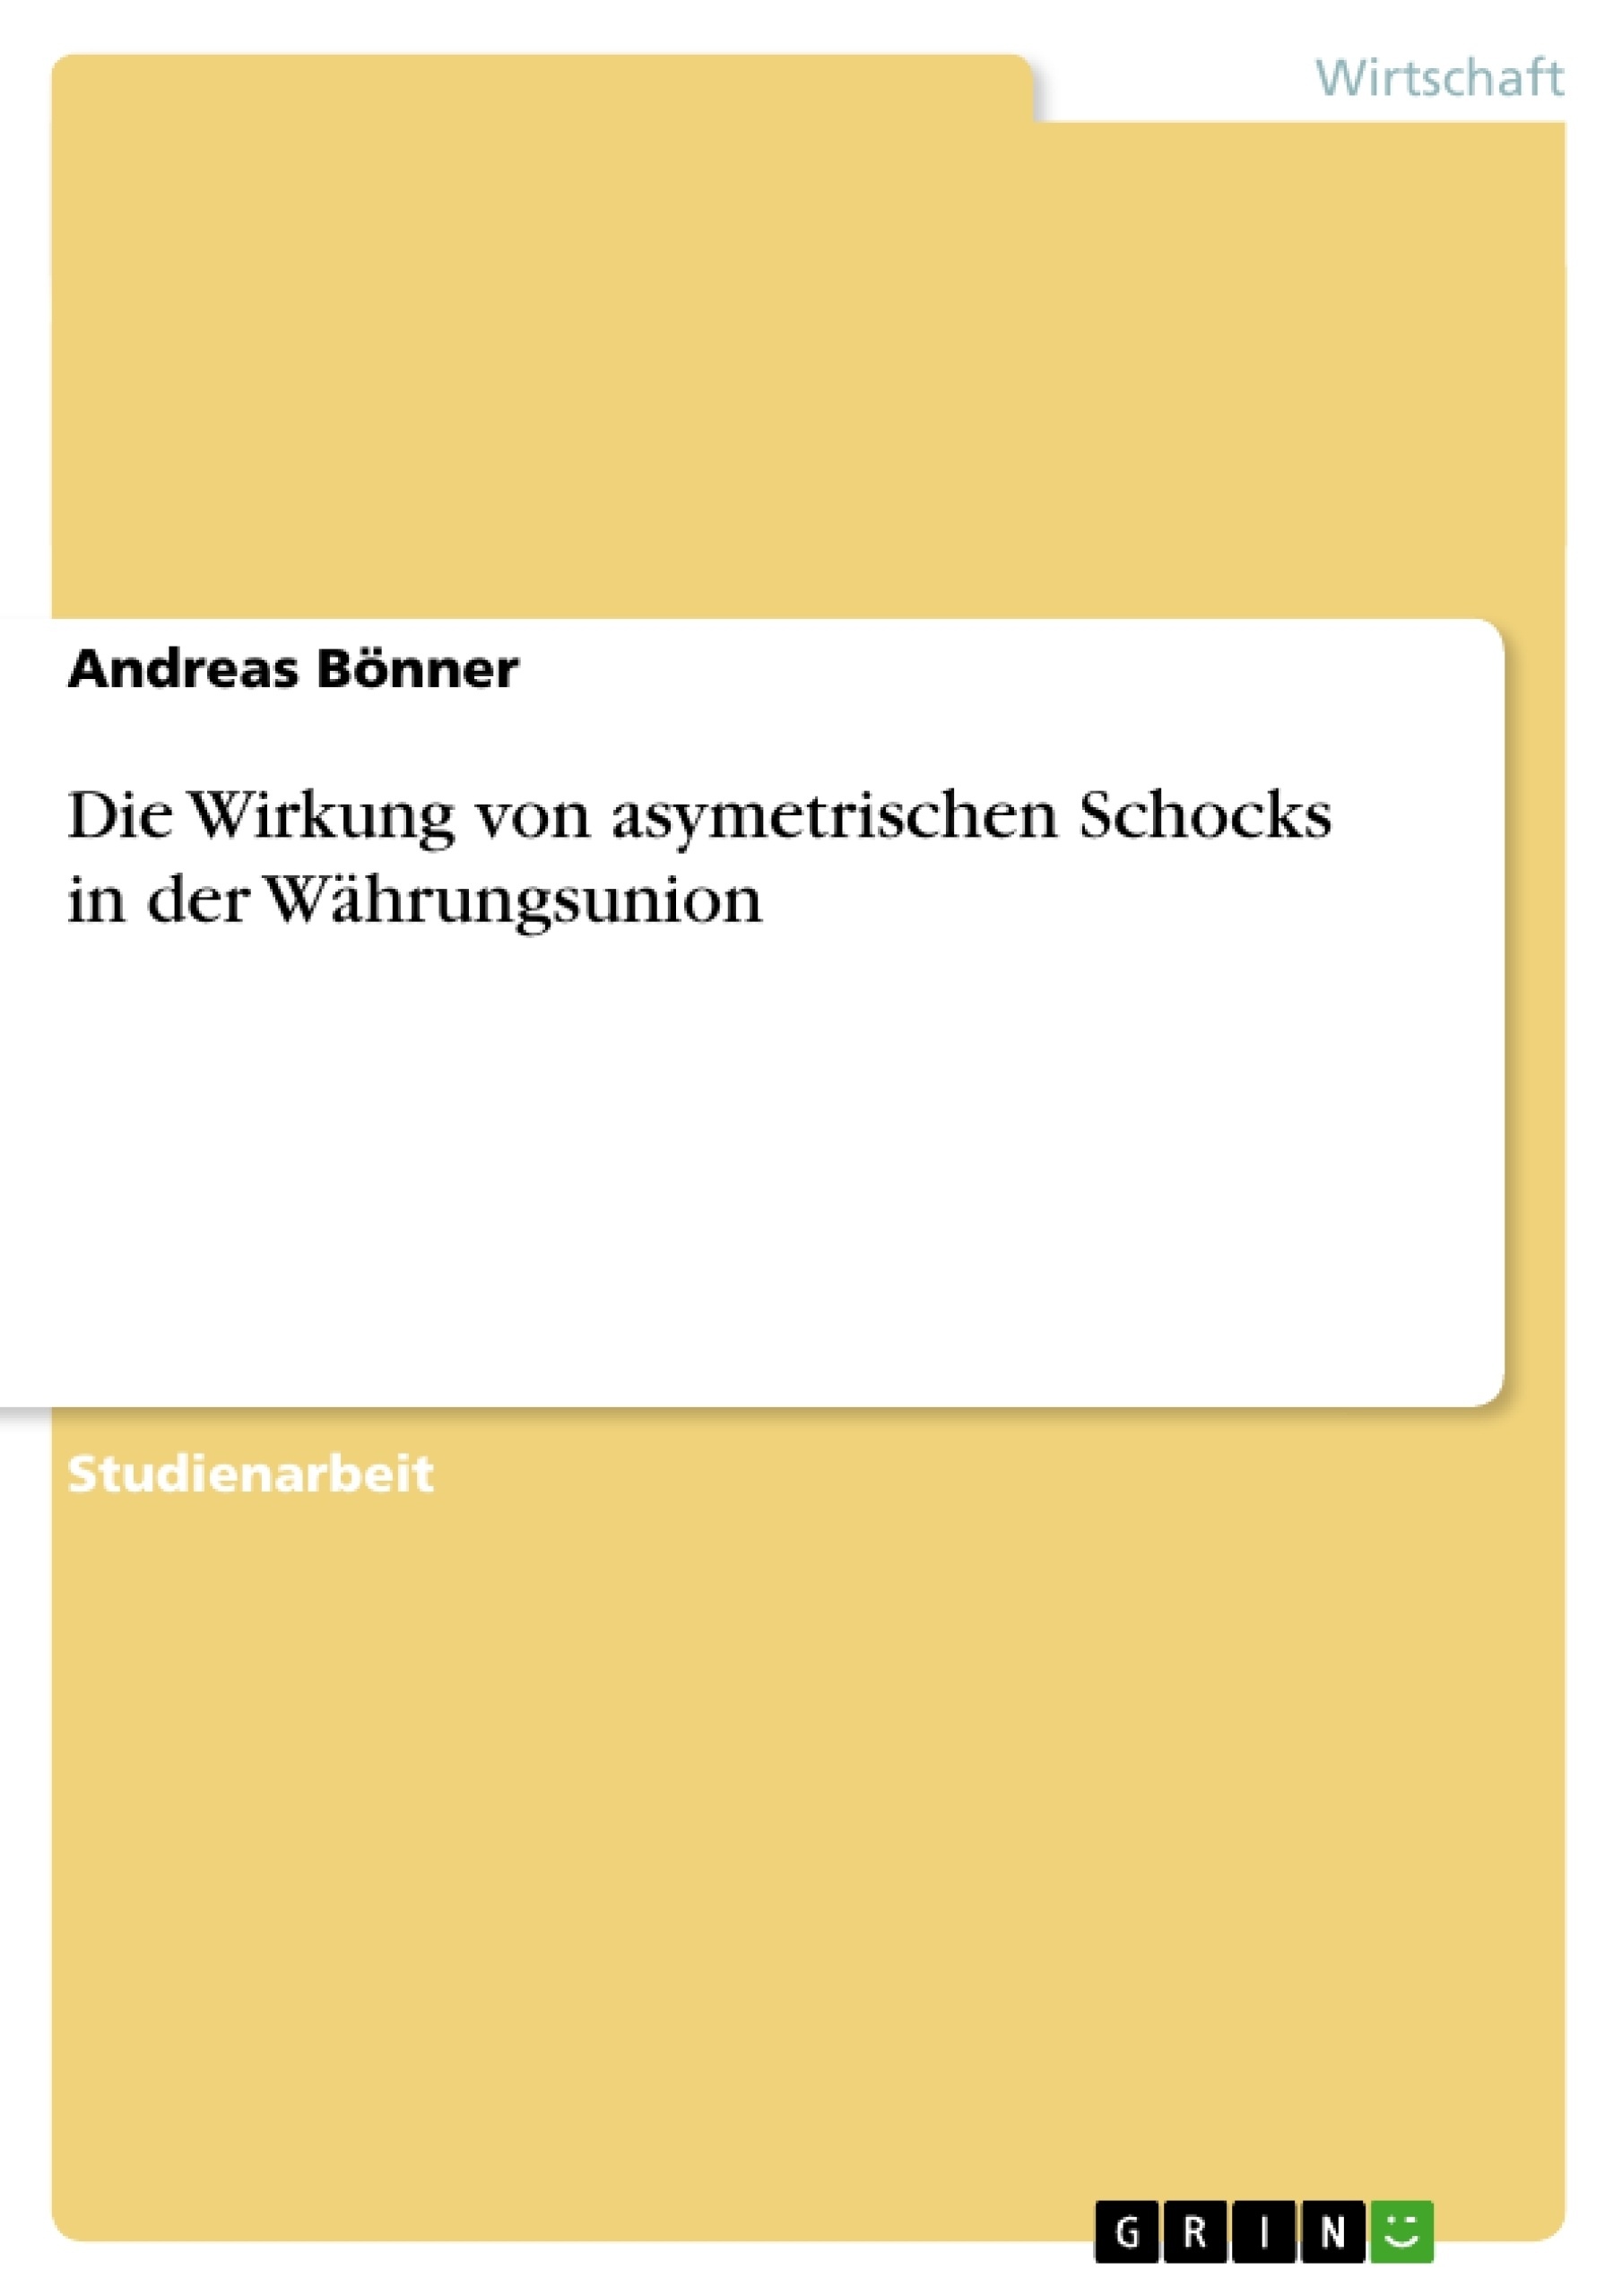 Titel: Die Wirkung von asymetrischen Schocks in der Währungsunion